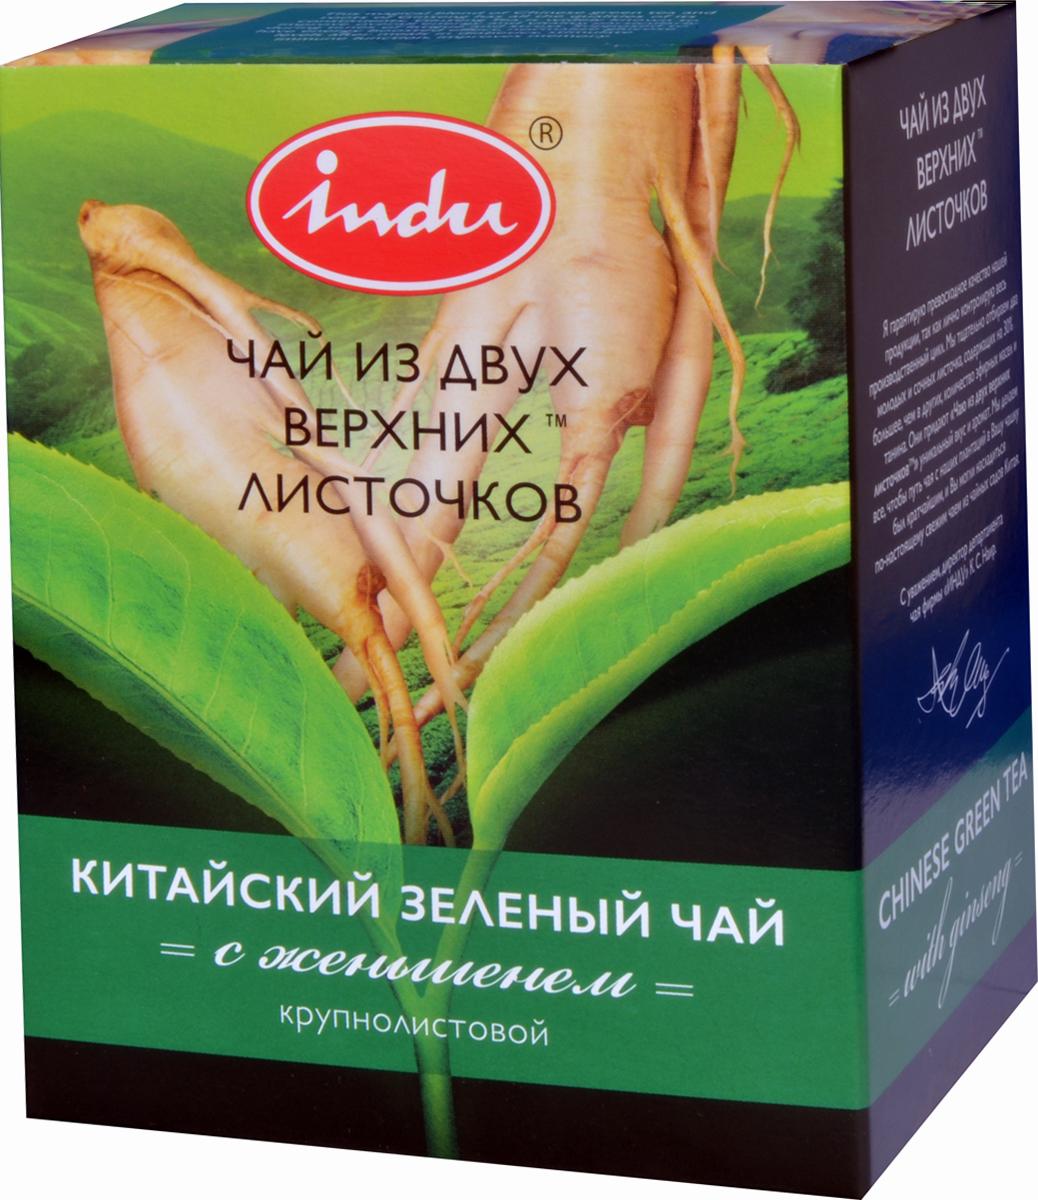 Indu Китайский зеленый листовой чай с женьшенем, 90 г0120710Чудодейственный китайский зеленый чай Indu с корнем женьшеня. Его настою присущи все необычайные свойства компонентов: он укрепляет иммунную систему, повышает стрессоустойчивость, стимулирует обменные процессы в организме, активизирует действие головного мозга, улучшает память и потенцию, снимает усталость, дает заряд бодрости и поднимает настроение.